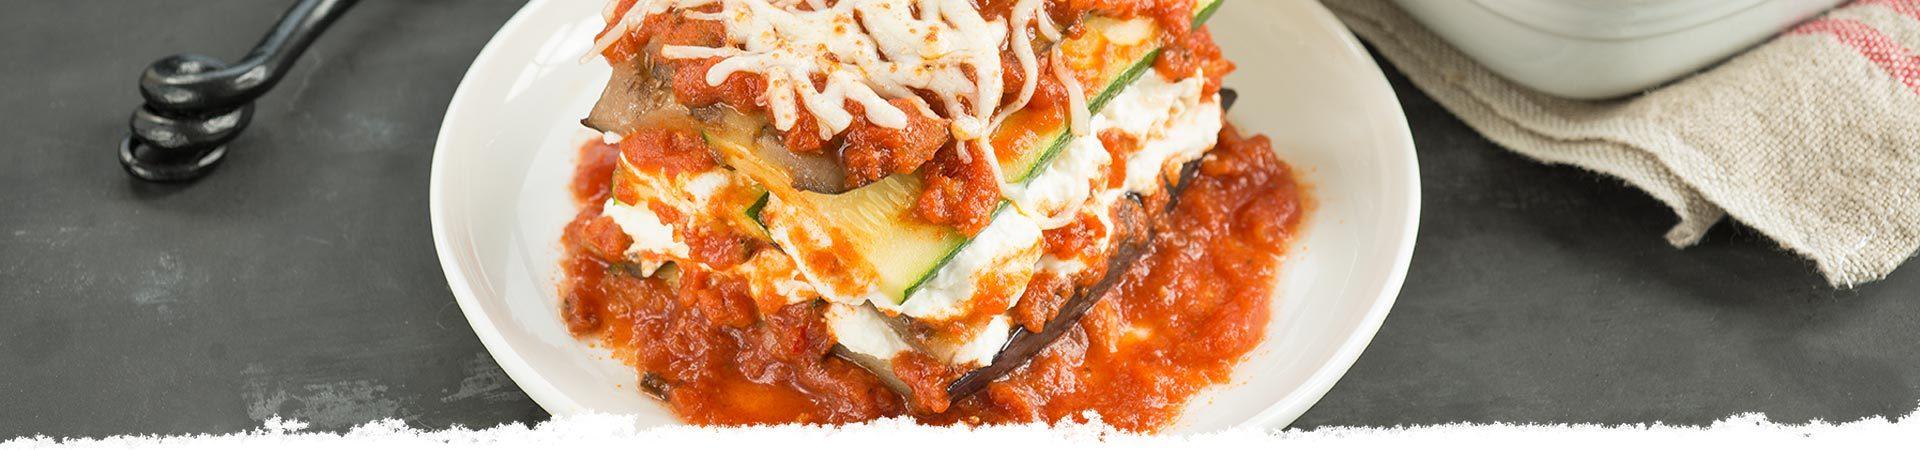 Eggplant & Zucchini Lasagna